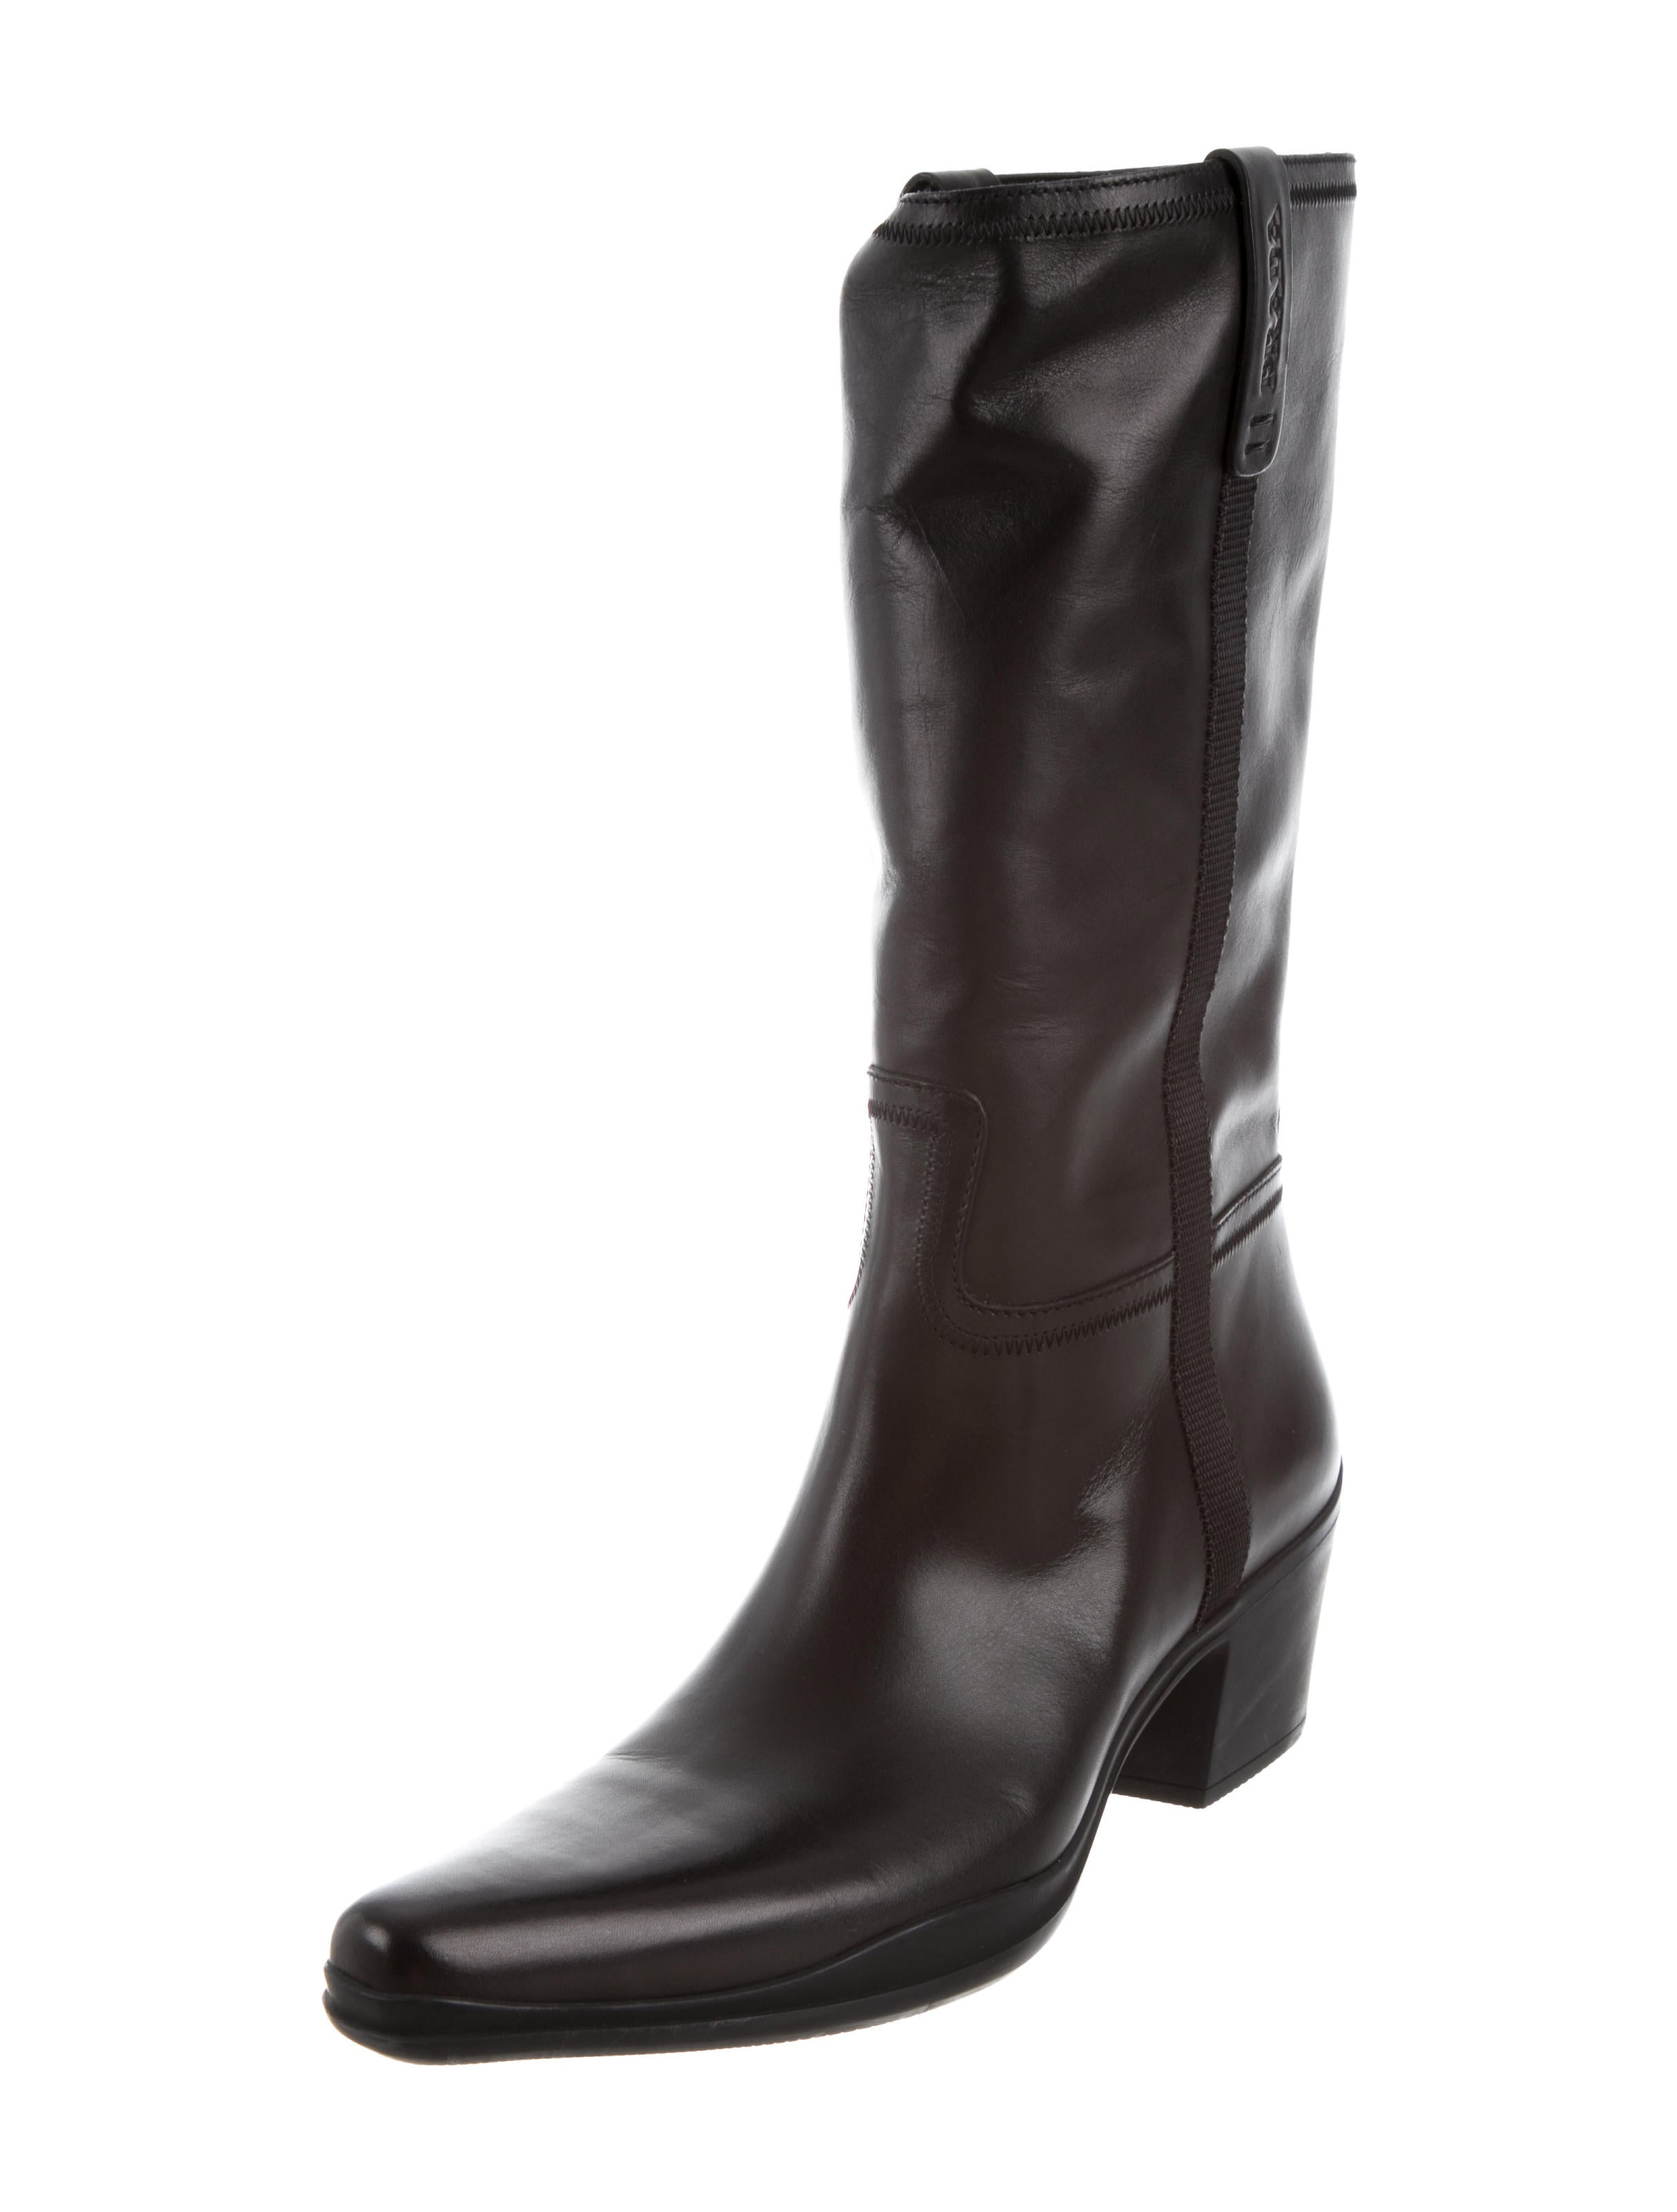 Prada Sport Leather Mid-Calf Boots w/ Tags geniue stockist cheap online 0Qcgb5